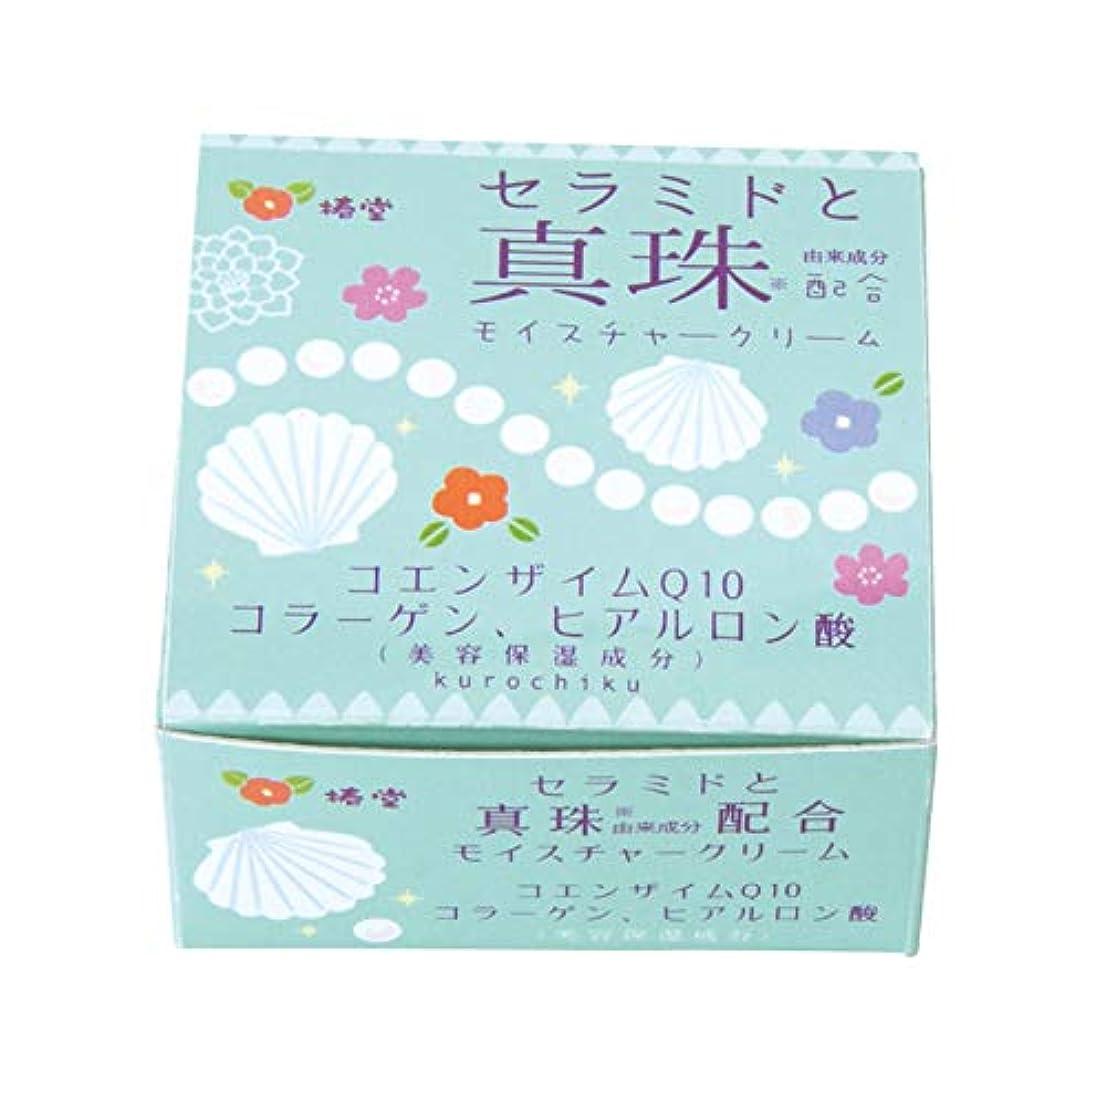 記憶に残るレトルト換気する椿堂 真珠モイスチャークリーム (セラミドと真珠) 京都くろちく